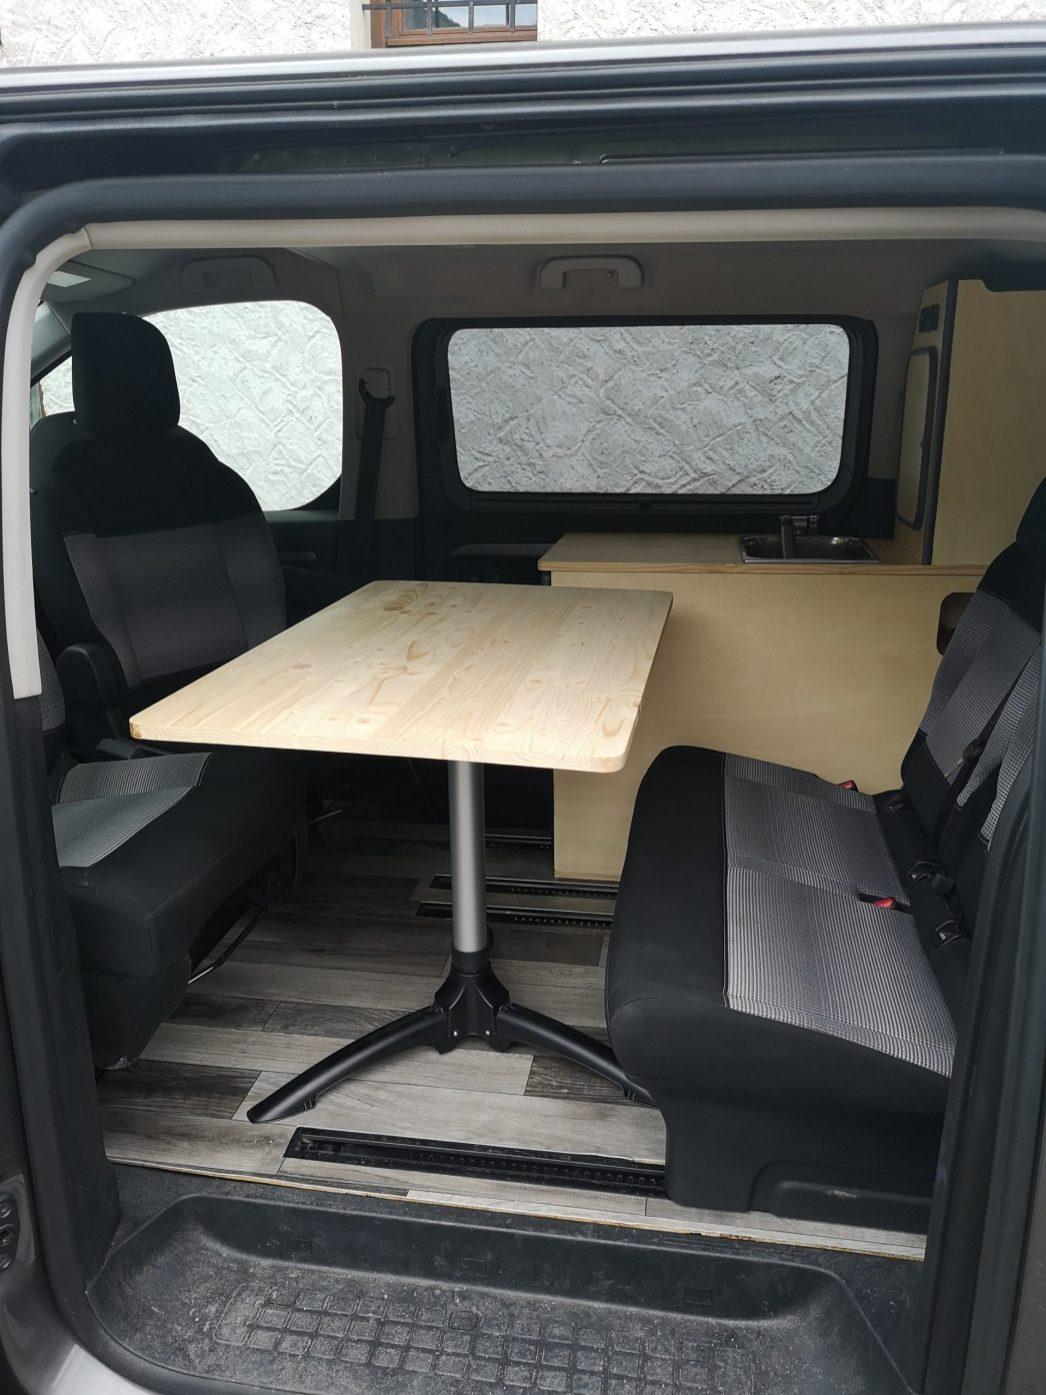 Table intérieure une fois le van en place